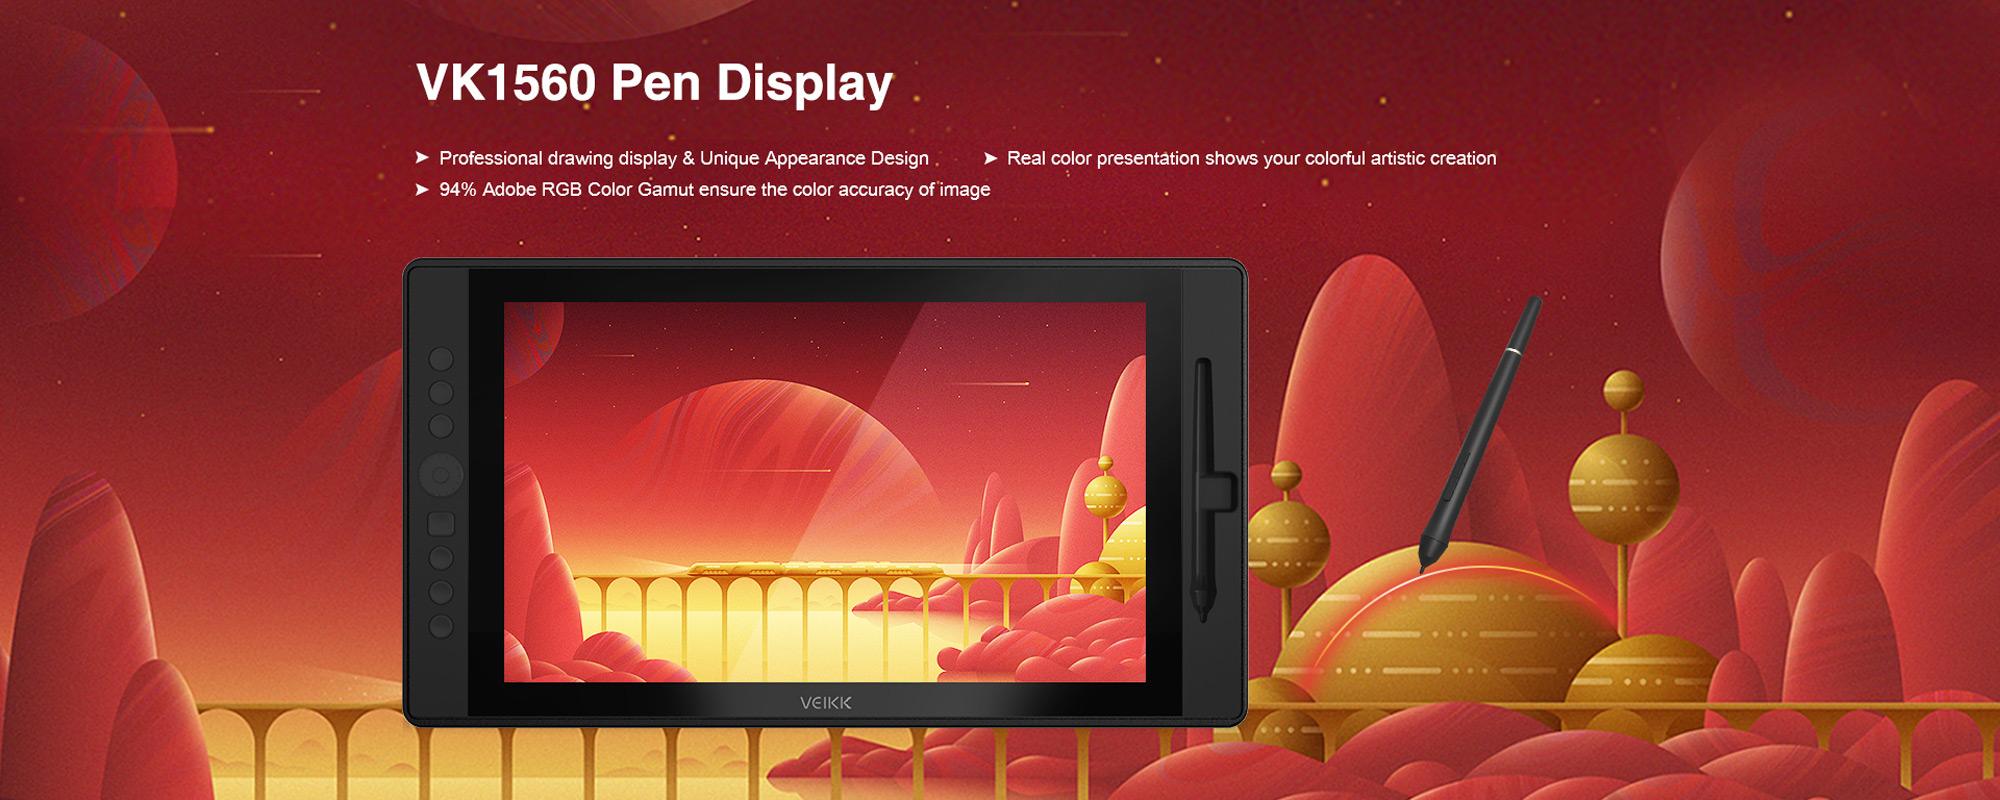 Grafika prezentująca Tablet graficzny z ekranem LCD Veikk VK1560 oraz piórko na czerwonym kosmicznym tle